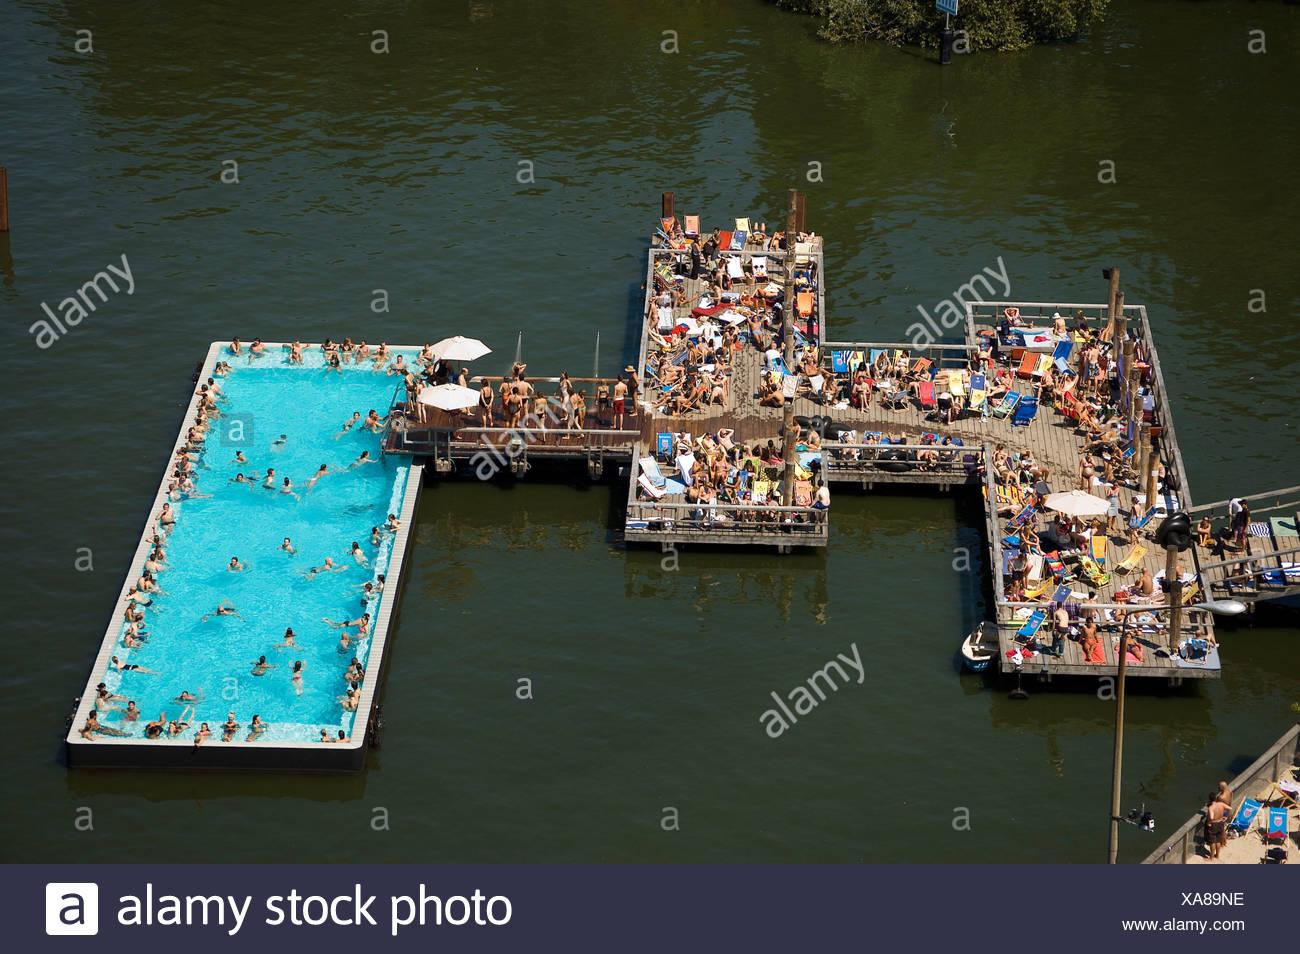 """""""Badeschiff"""", """"Badeschiff"""", öffentliches Schwimmbad, Fluss Spree, Berlin, Deutschland Stockbild"""